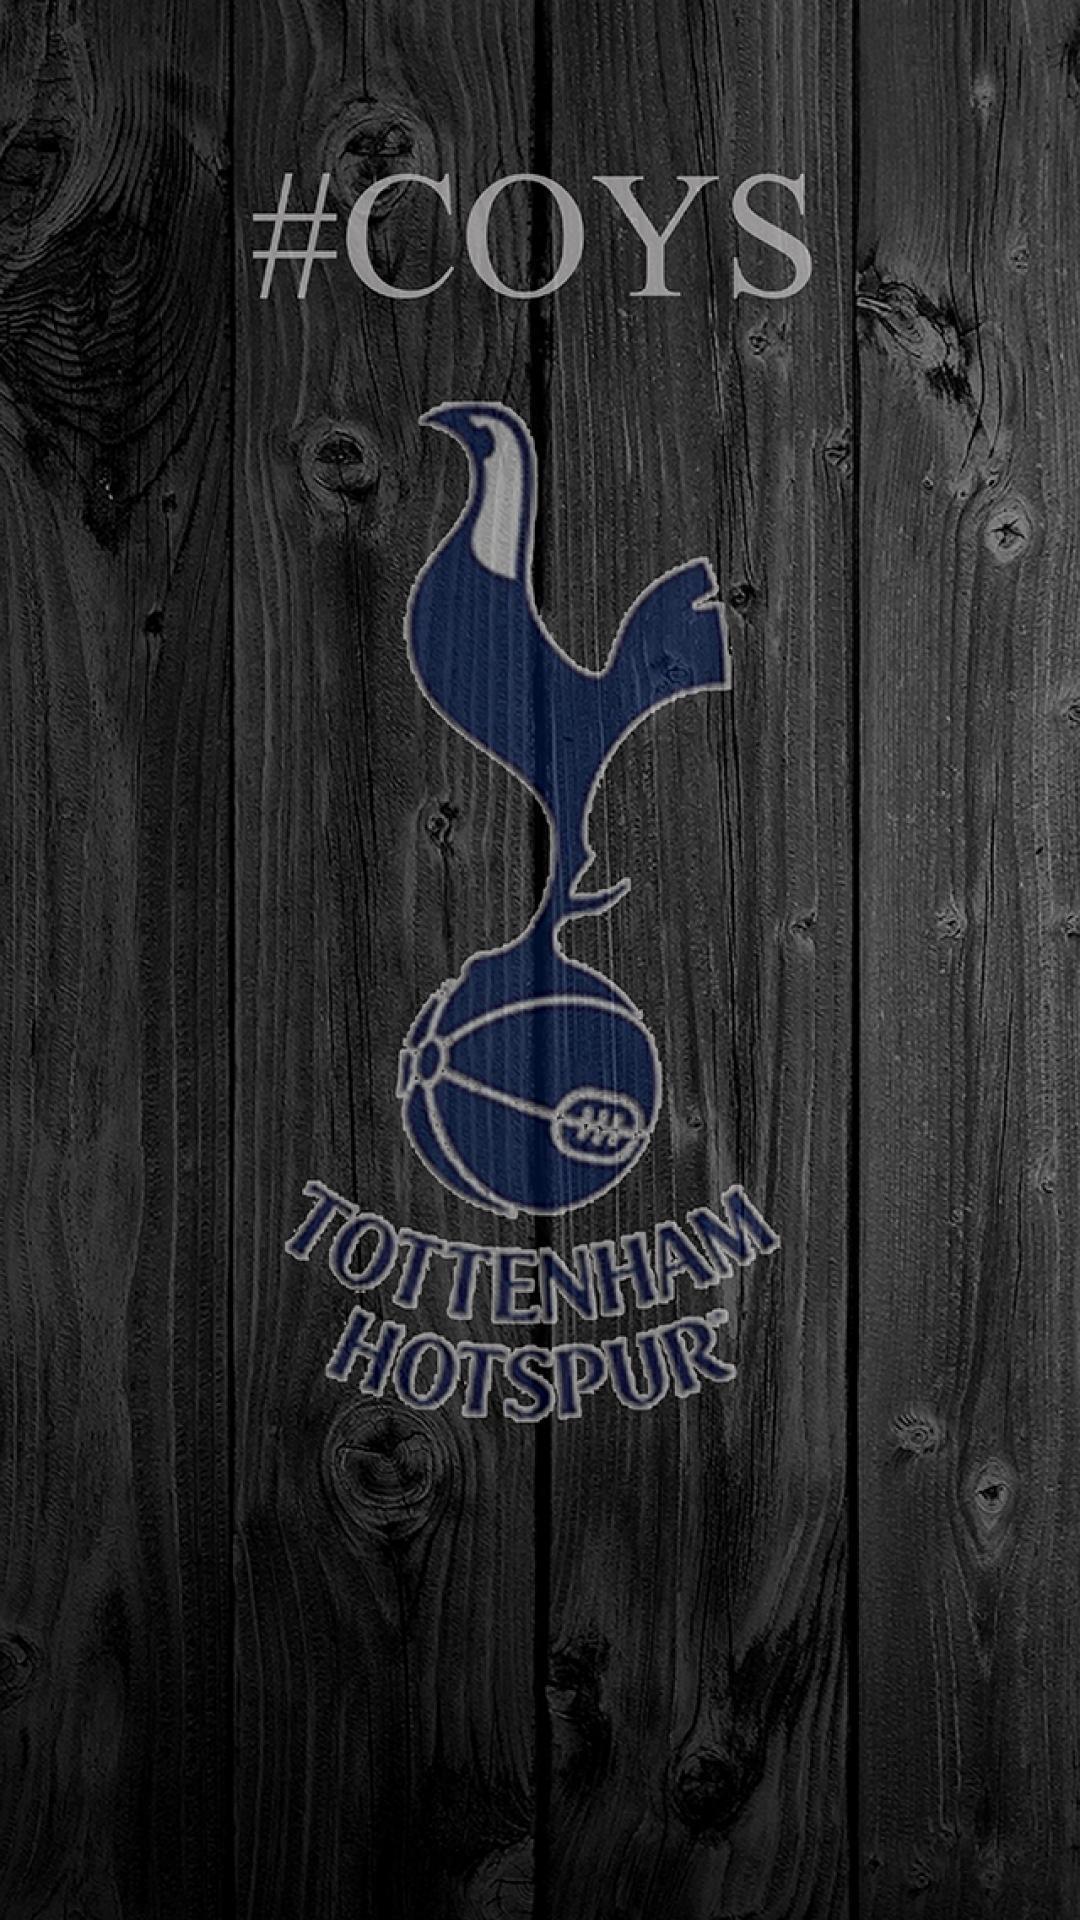 Premier League – Tottenham Hotspur iPhone 5 / SE Wallpaper